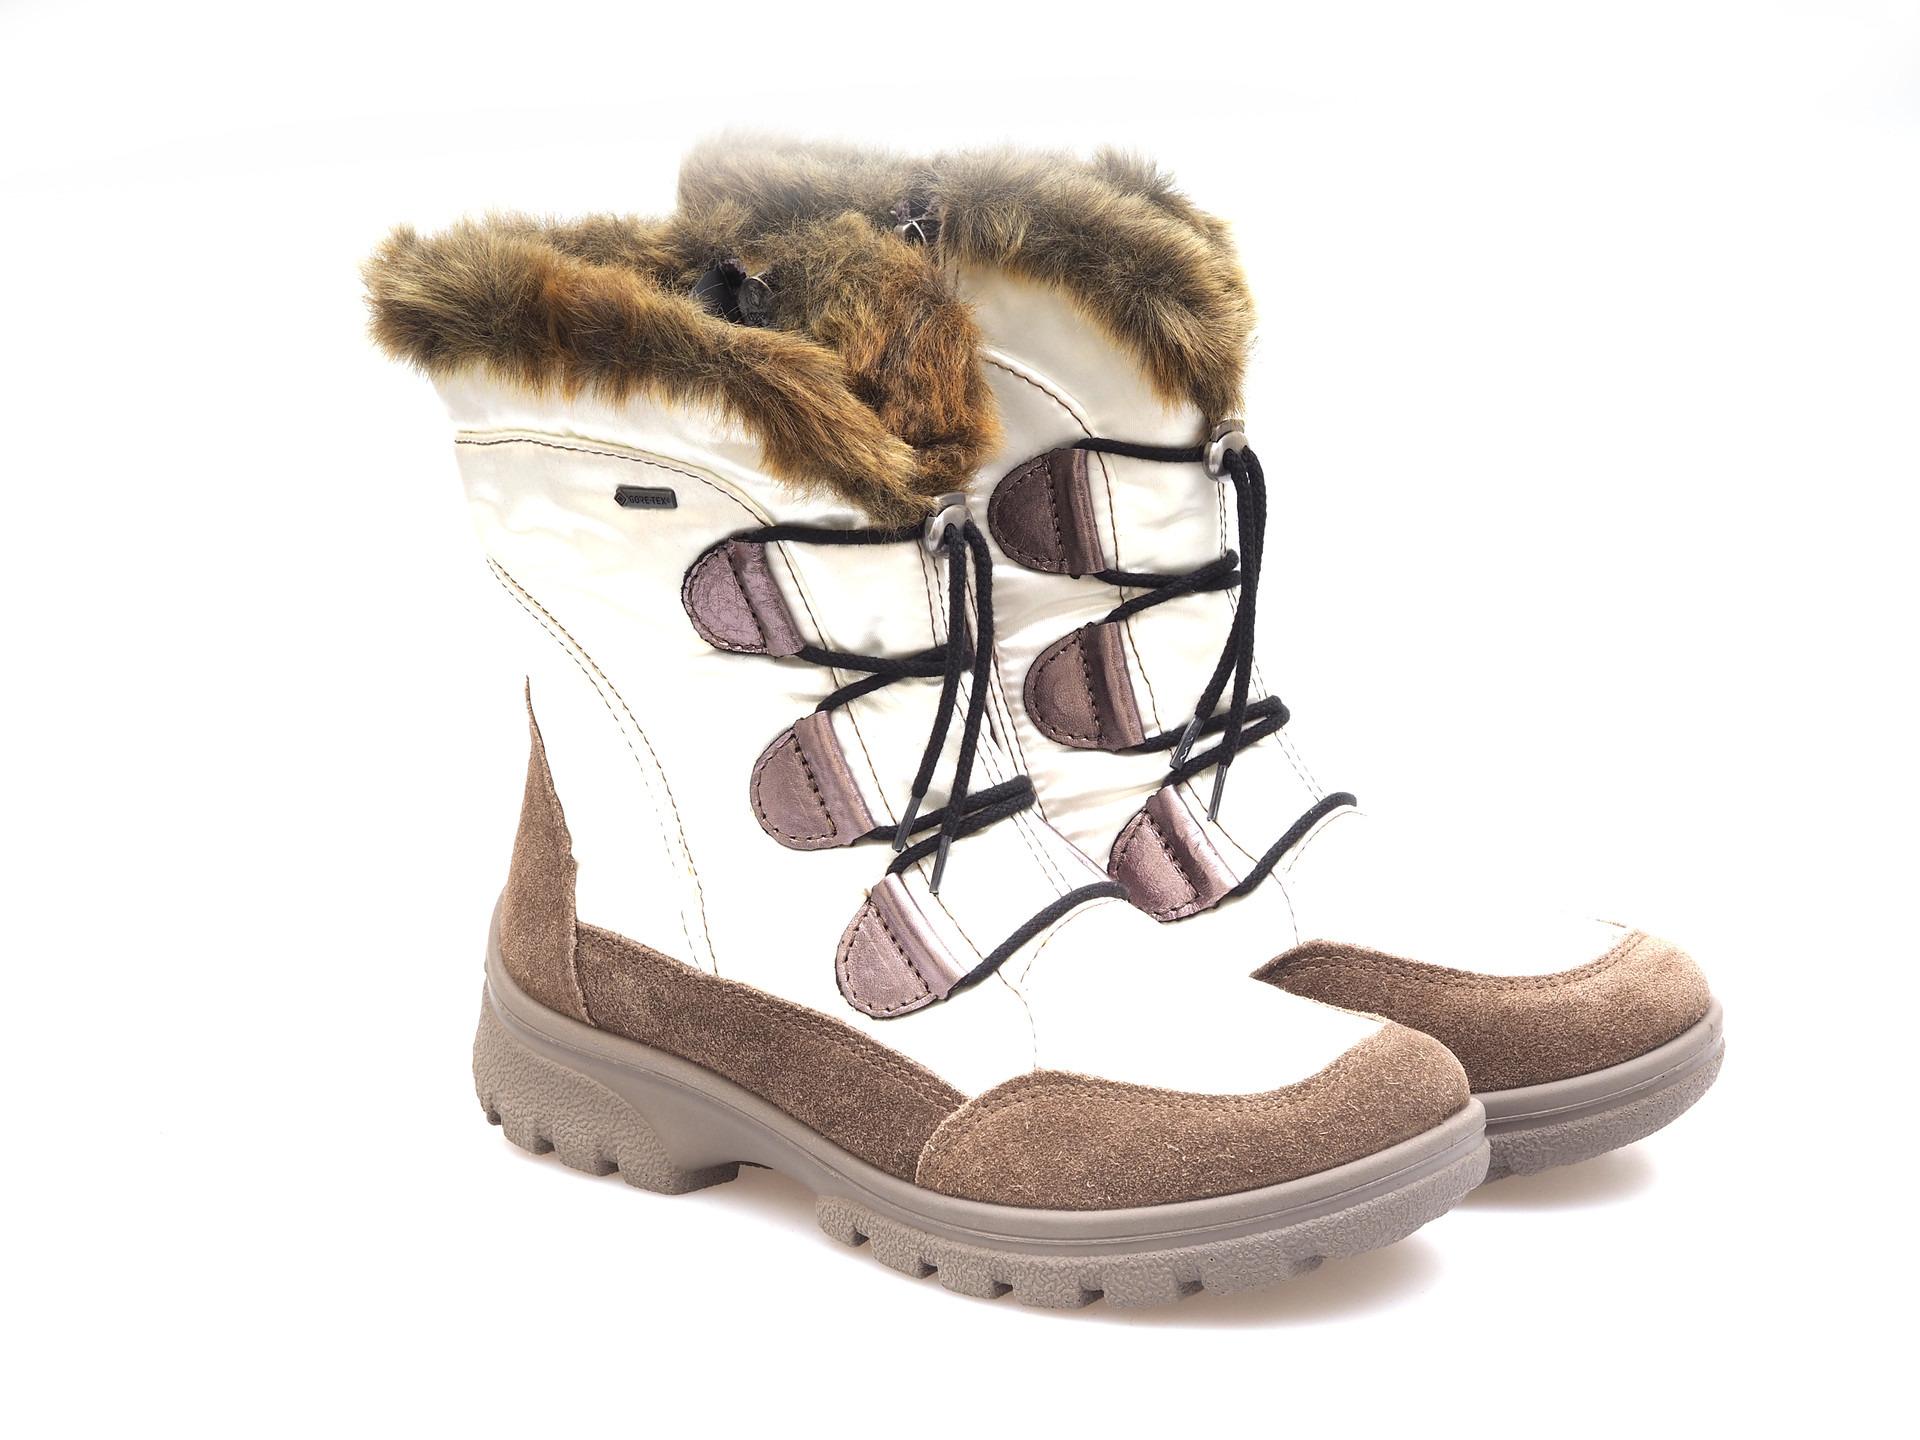 af289bb414d7 ARA - Kotníčky - Gore-texová dámska obuv značky Ara